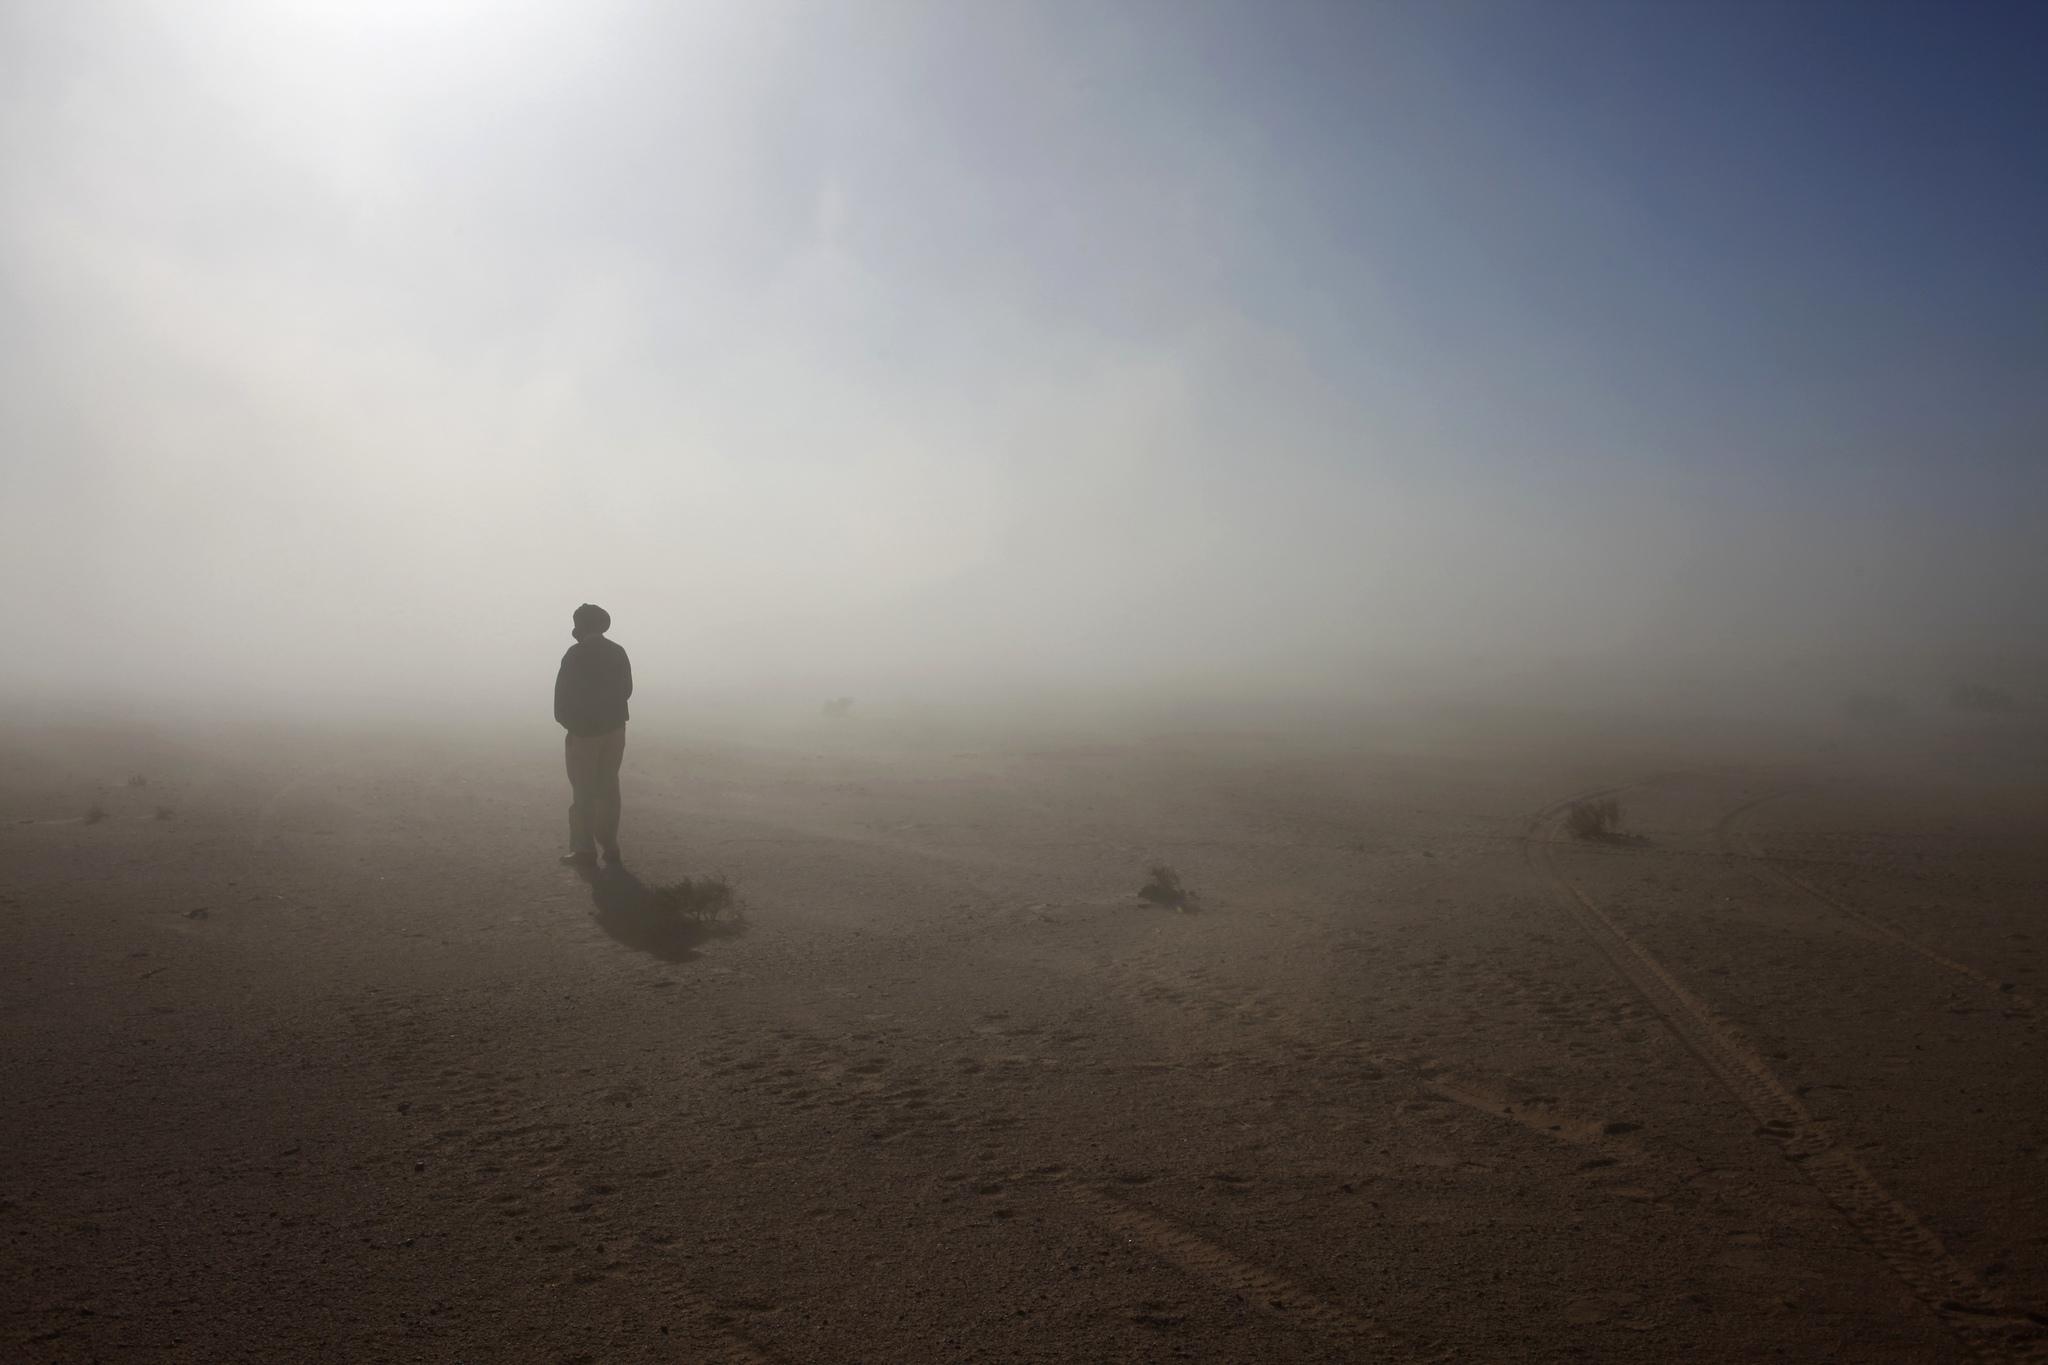 Desierto del Sáhara, entre Tinduf y Tifariti.